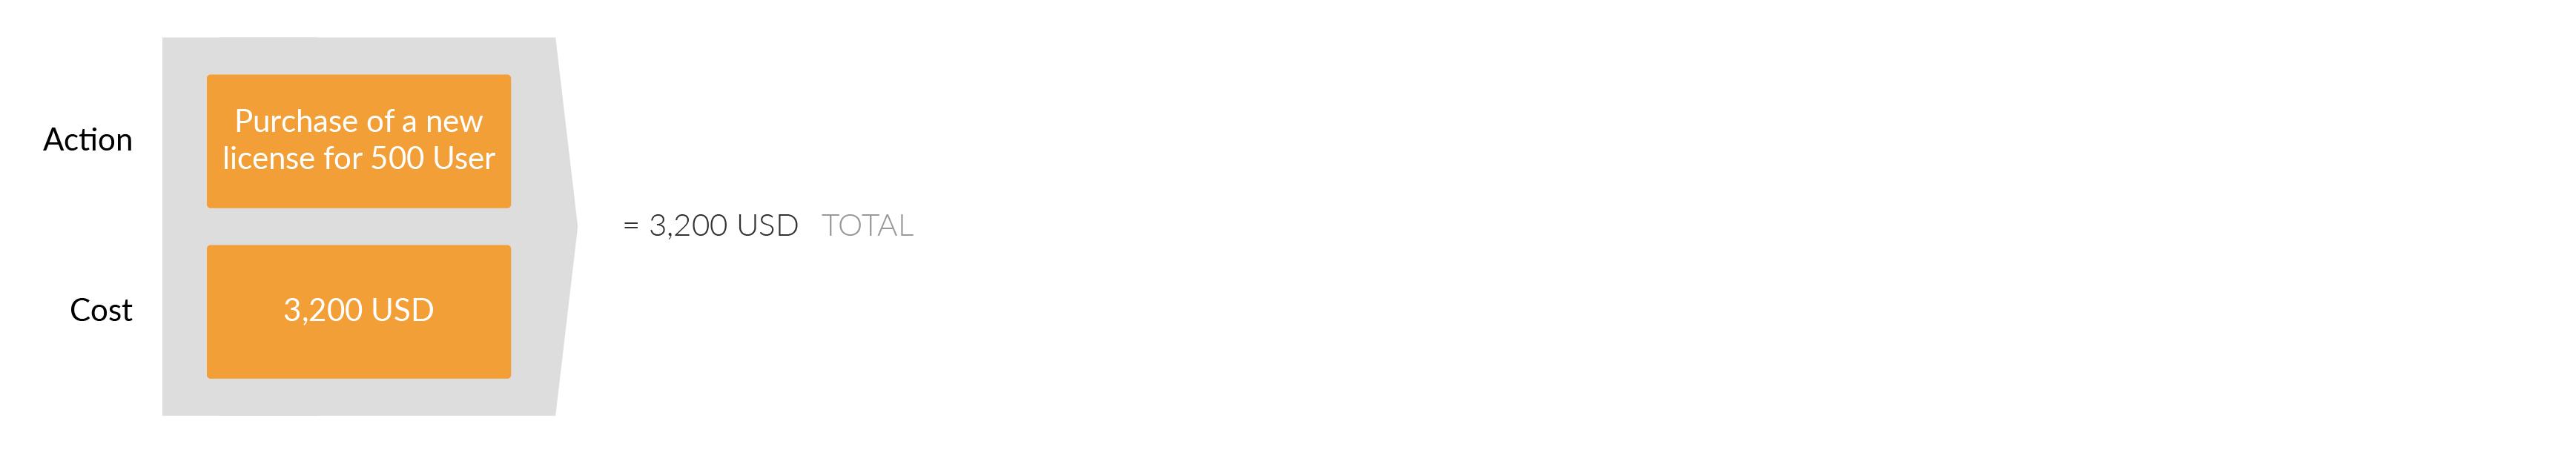 购买新的draw.io Confluence服务器许可证。 该许可包括12个月的支持。